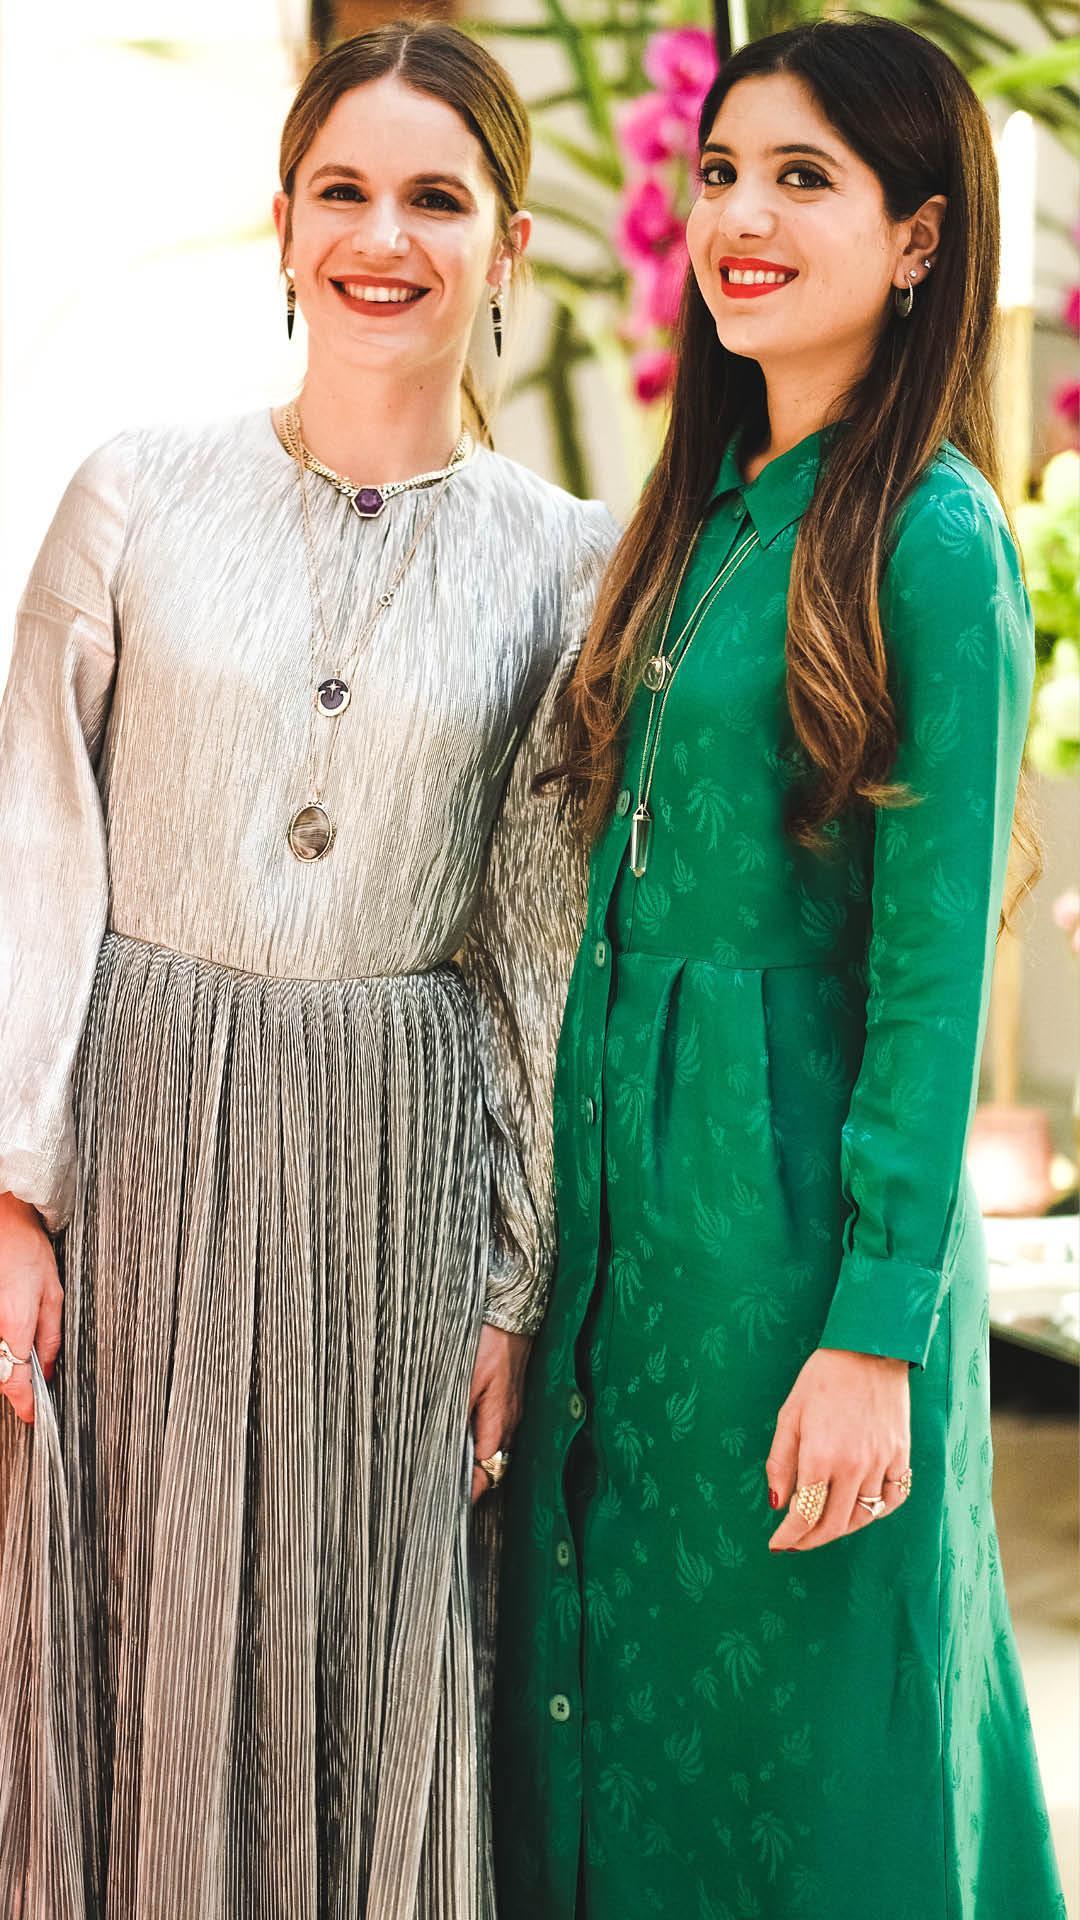 Eugenie Niarchos of Venyx and Noor Fares